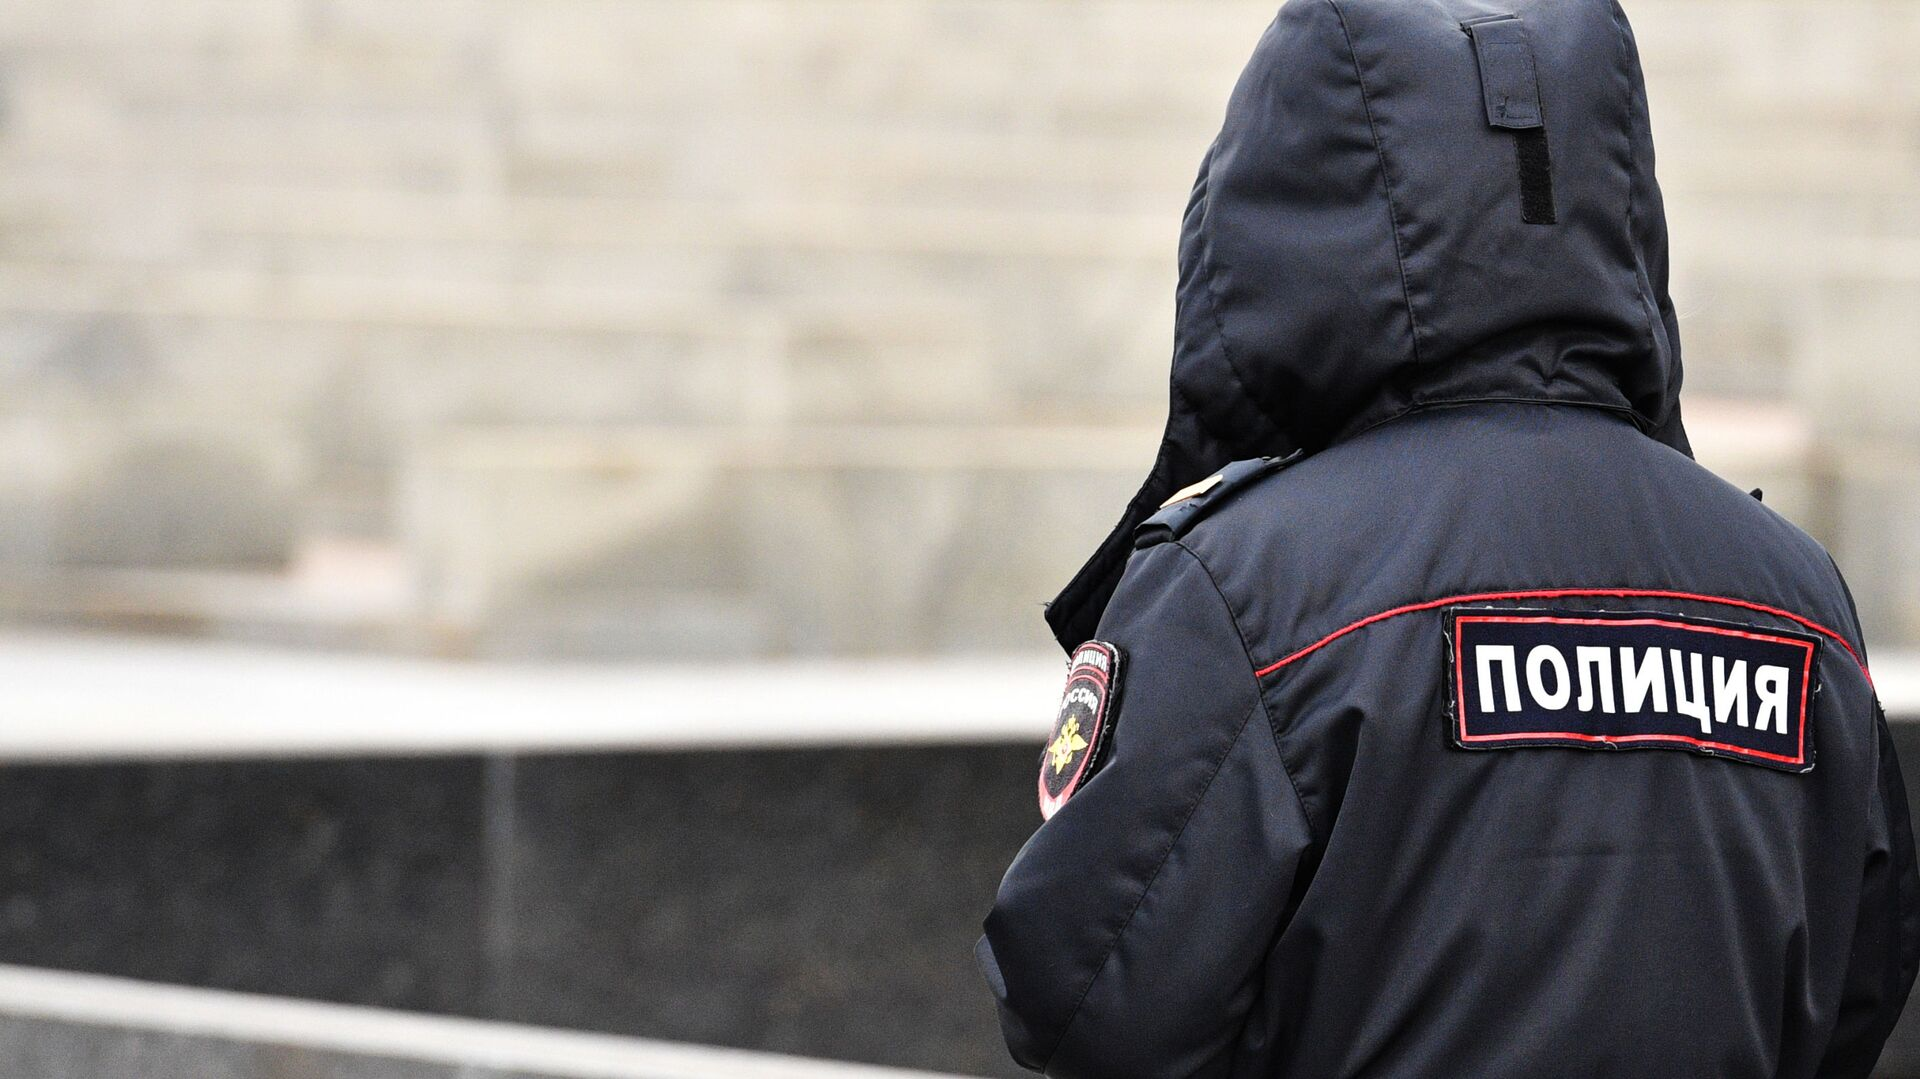 Прокуратура проверила инцидент с нападением на школьника с ножом в Пензе